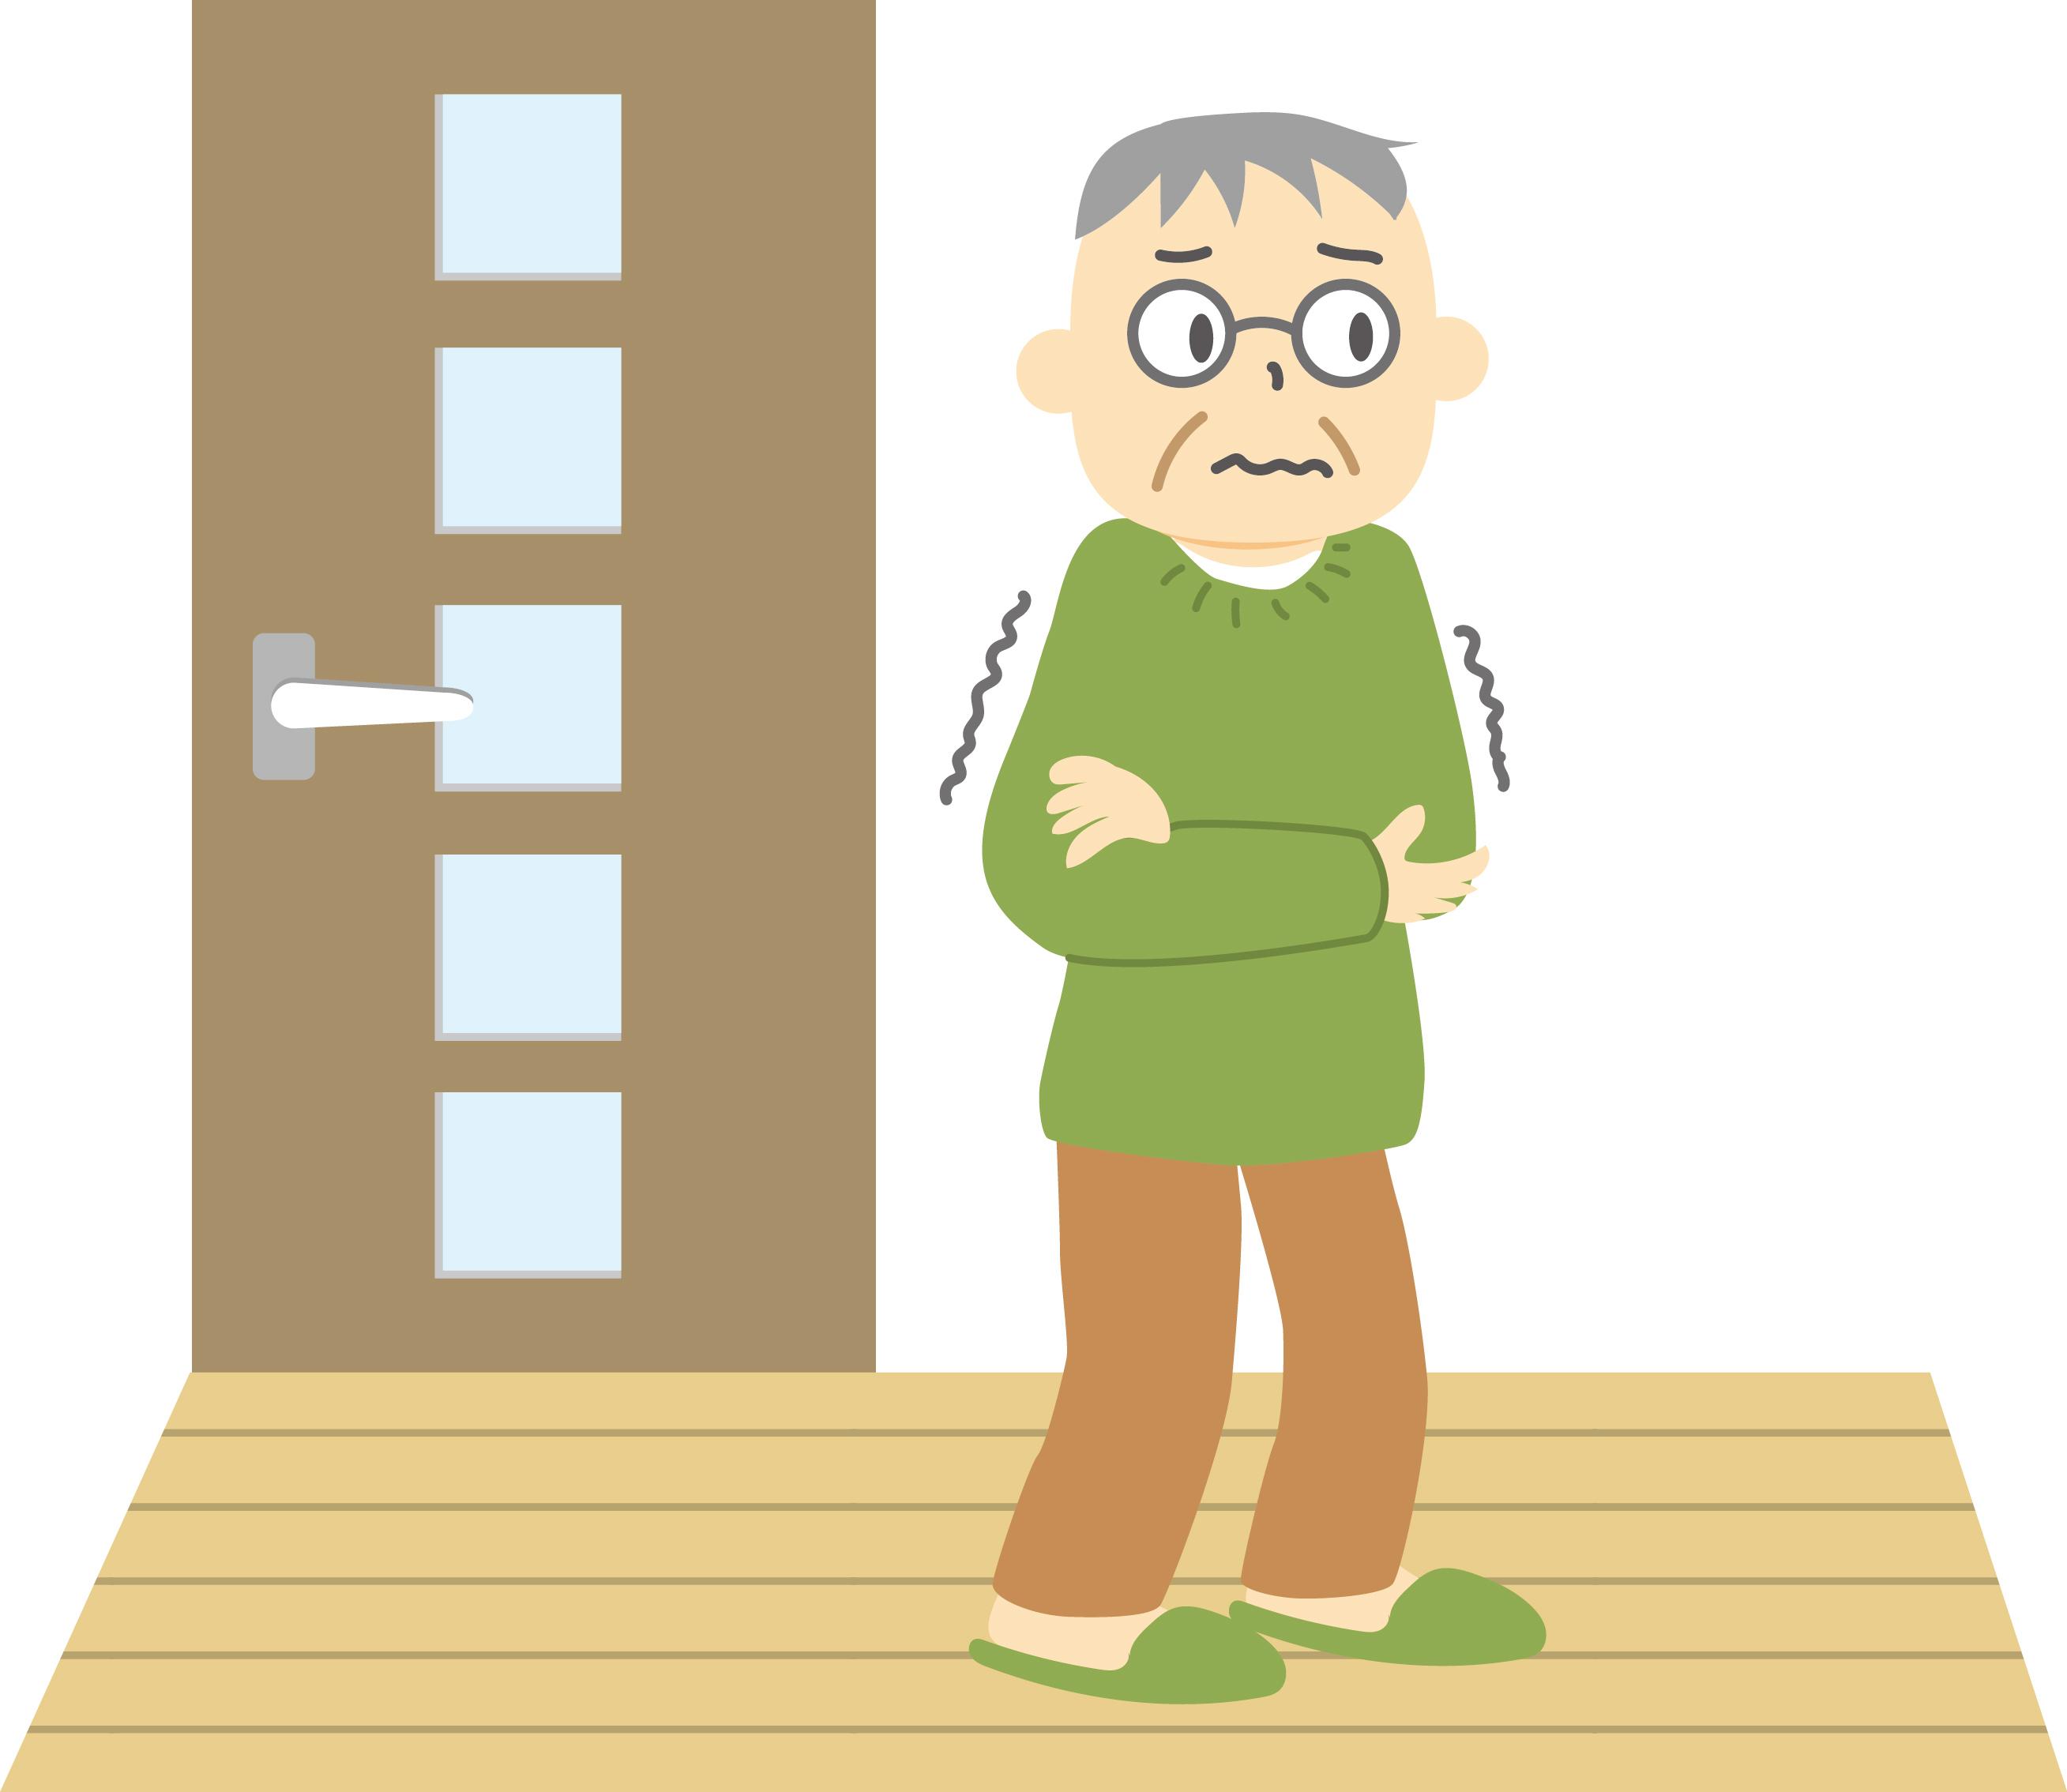 廊下で放尿する認知症女性に対する対応。介護士のアイデアにより解決